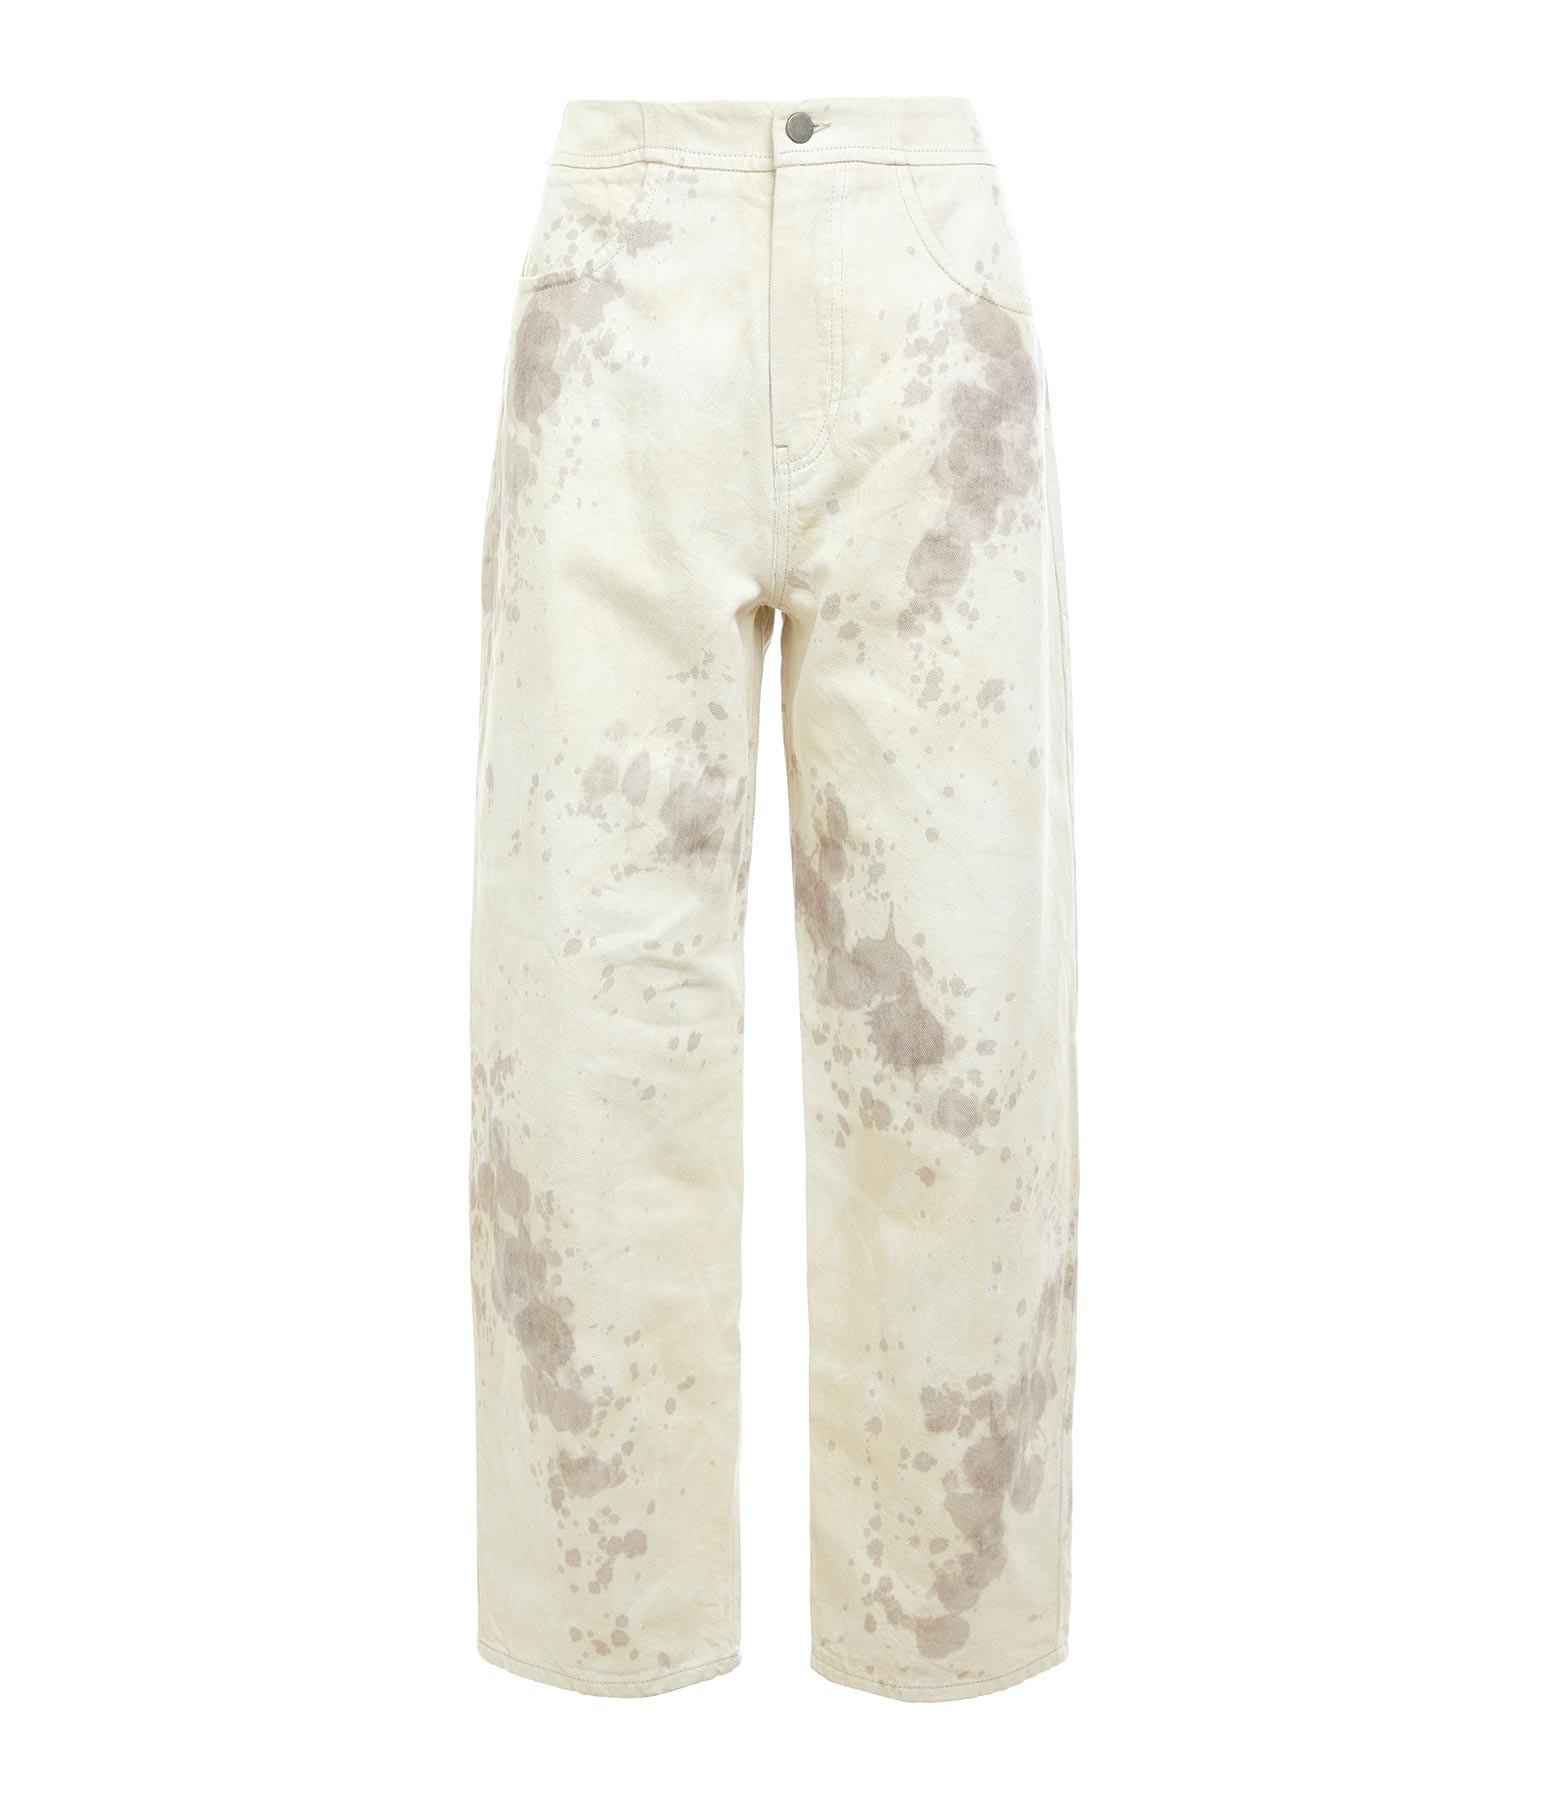 ROBERTO COLLINA - Pantalon Coton Sable